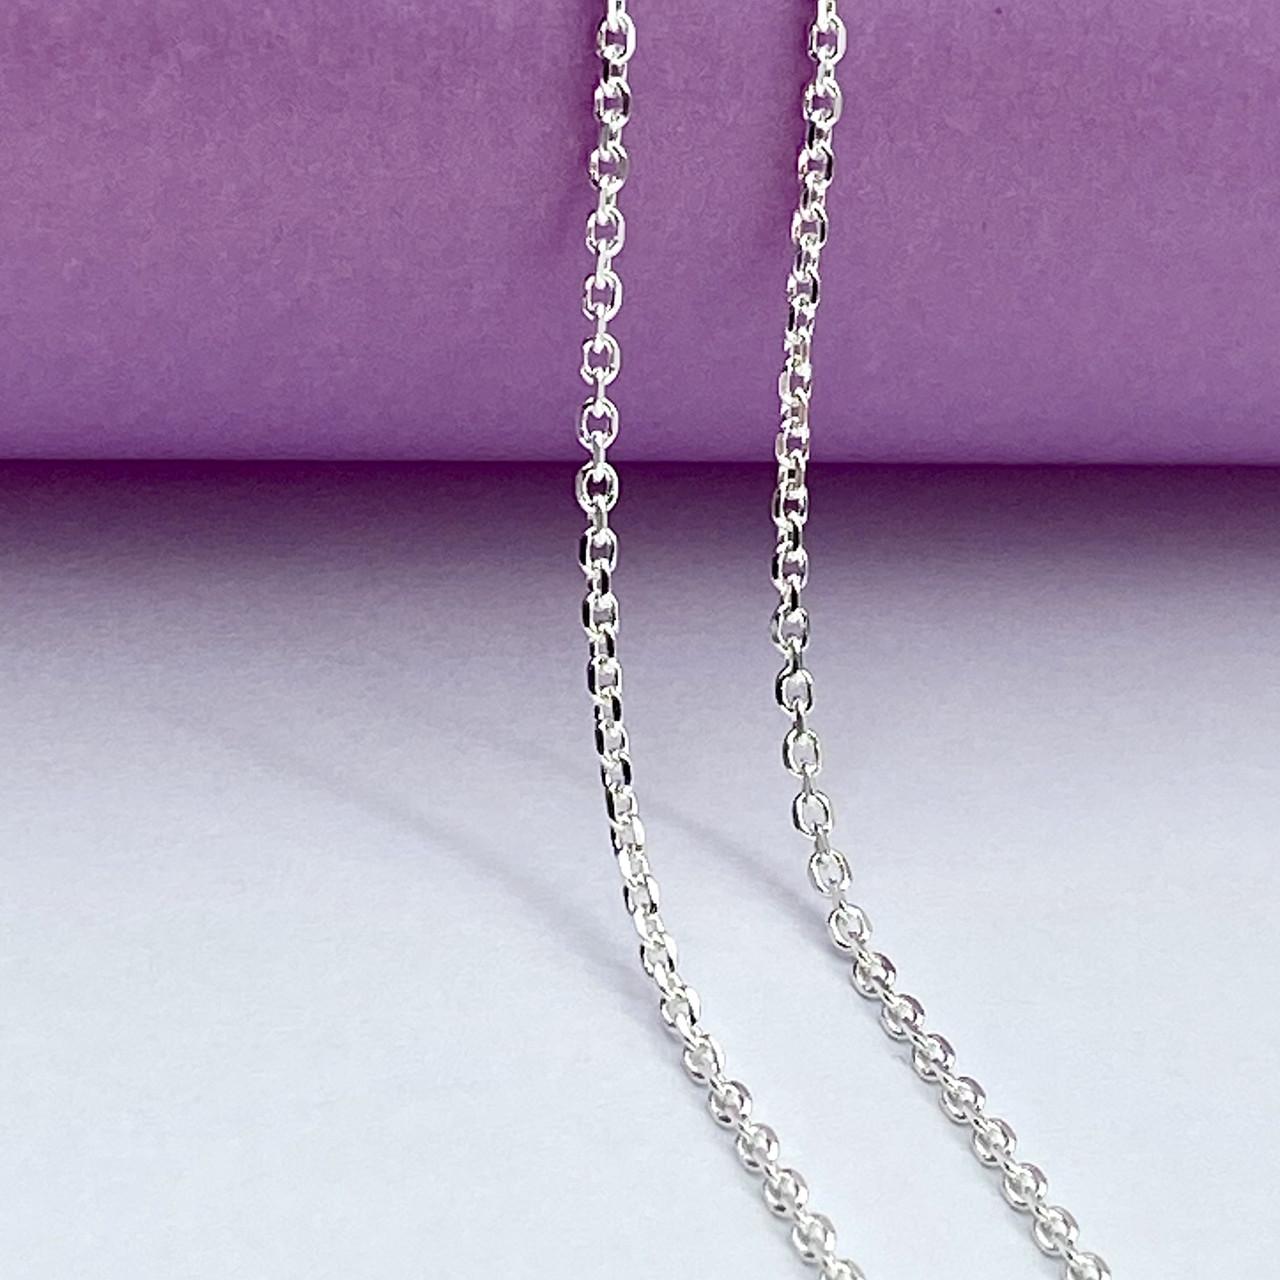 """Цепочка серебряная """" Якорная"""" мелкая, длина 45см."""